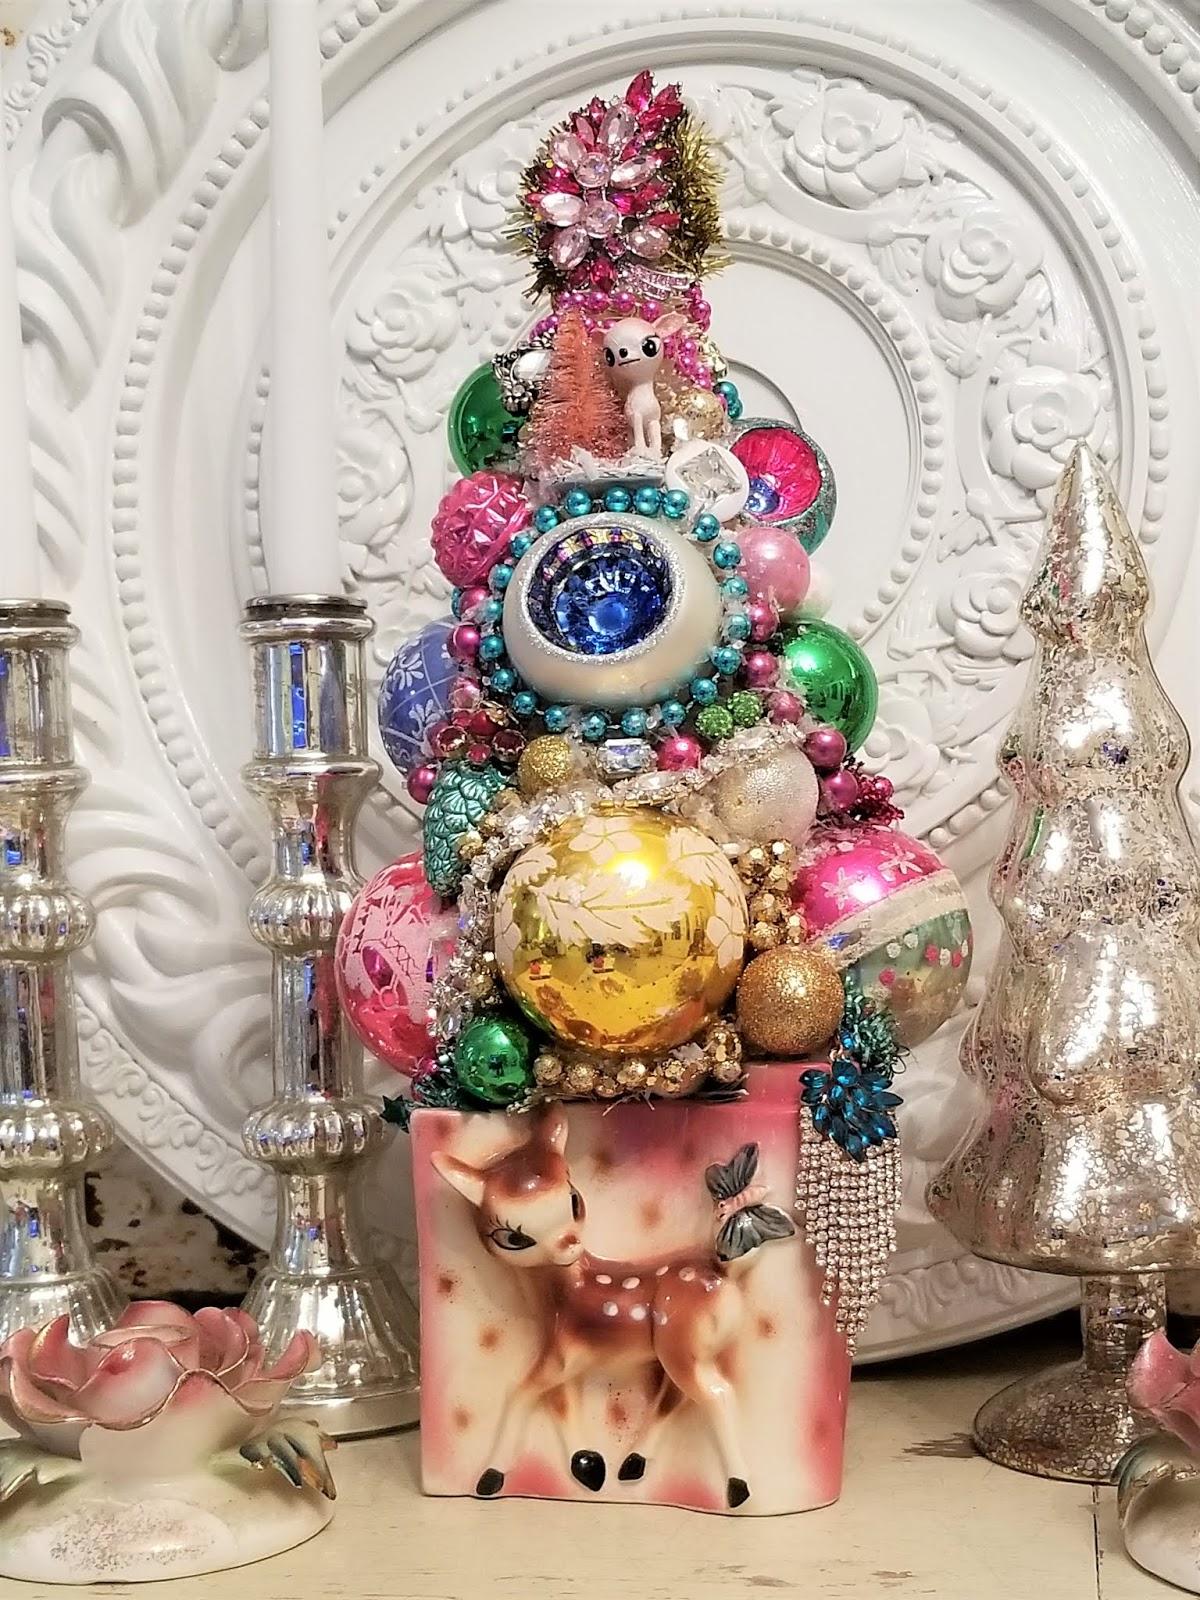 Ms Bingles Vintage Christmas: my Kitschy little deer tree...